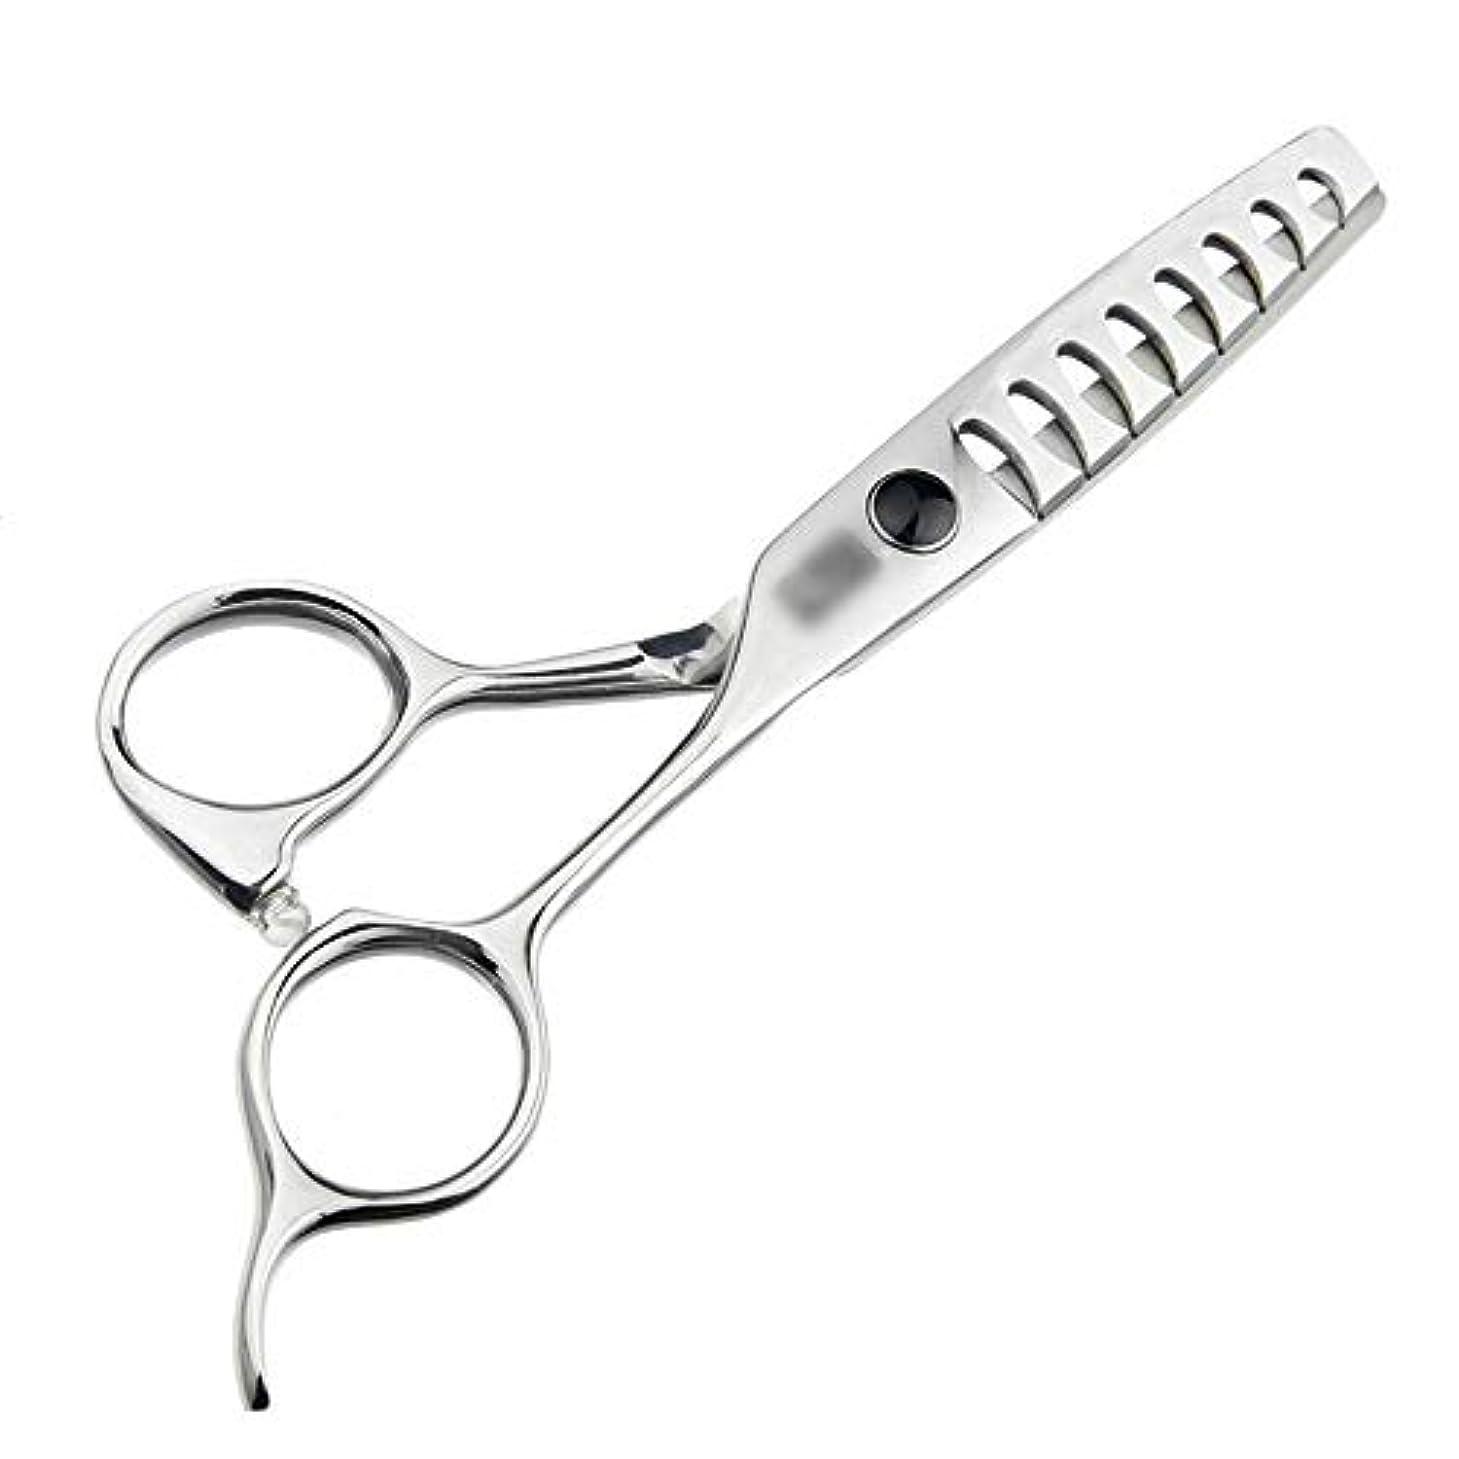 別の簡単なごめんなさいJiaoran 5.5インチのハイエンド散髪魚の骨のはさみ、ないトレース理髪はさみ、大きな魚の骨のはさみを送信する (Color : Silver)